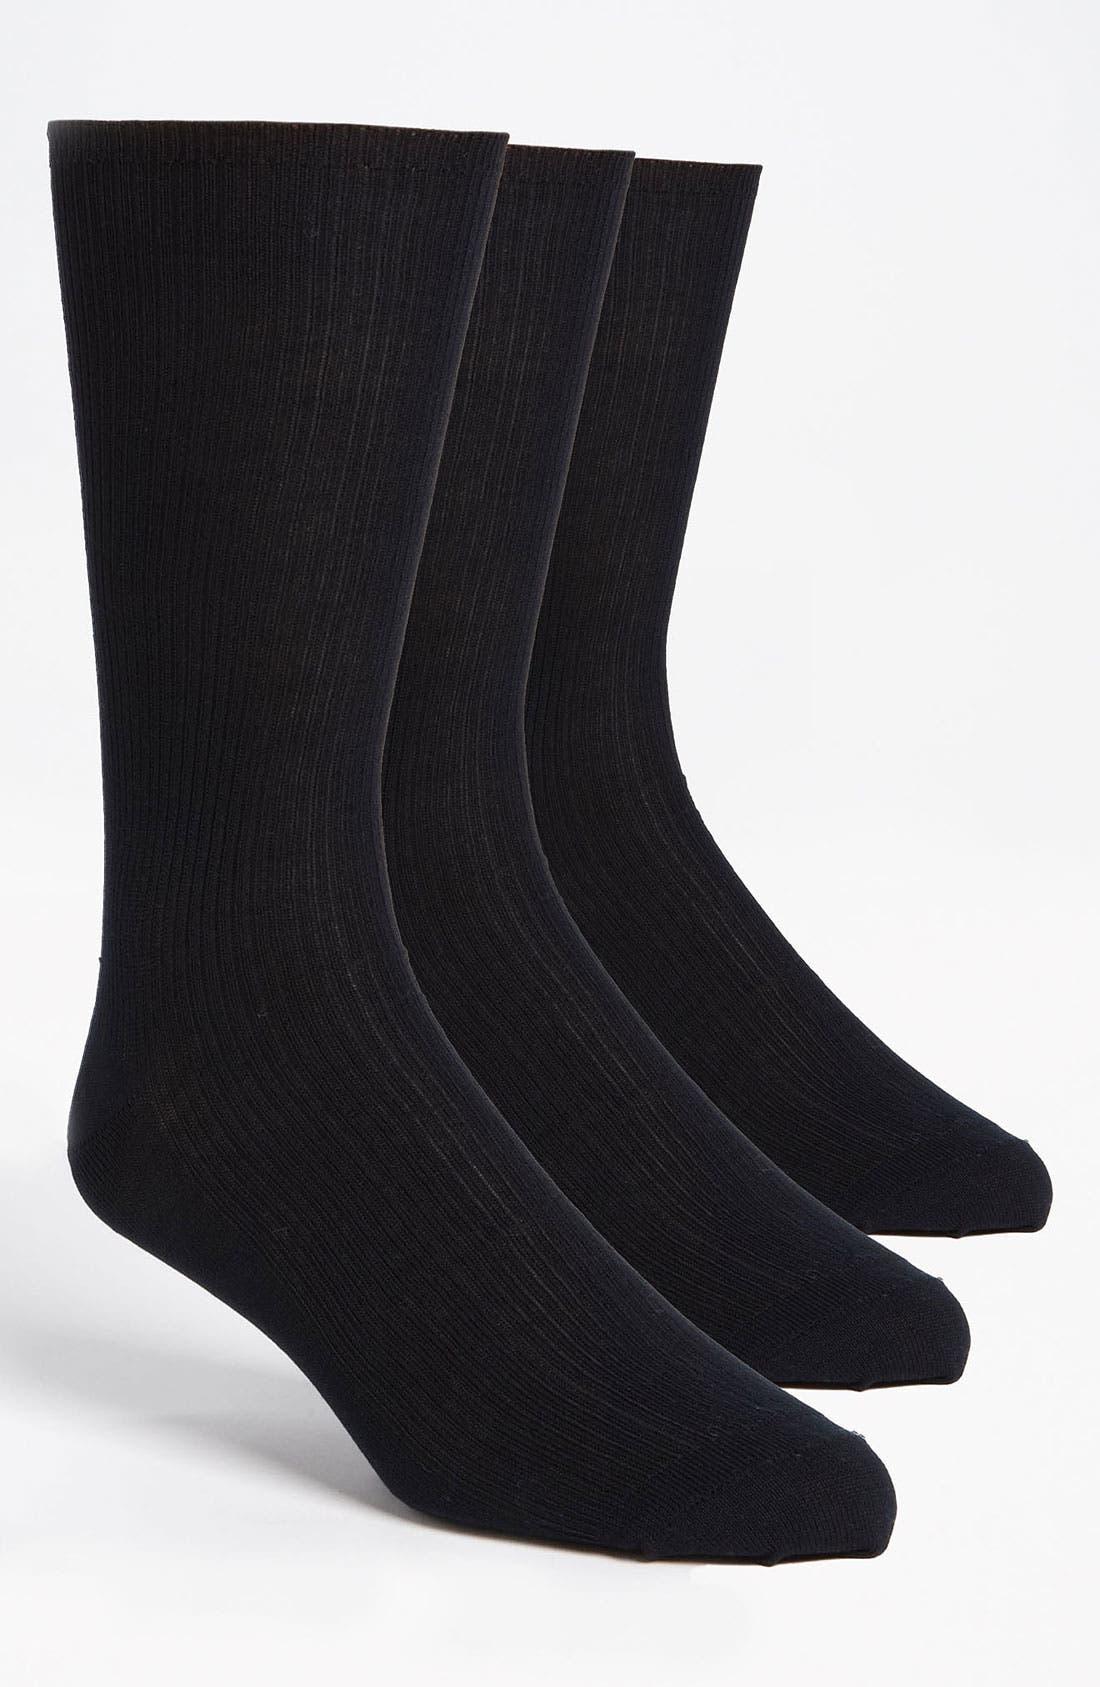 Alternate Image 1 Selected - Calvin Klein Cotton Blend Dress Socks (3-Pack)